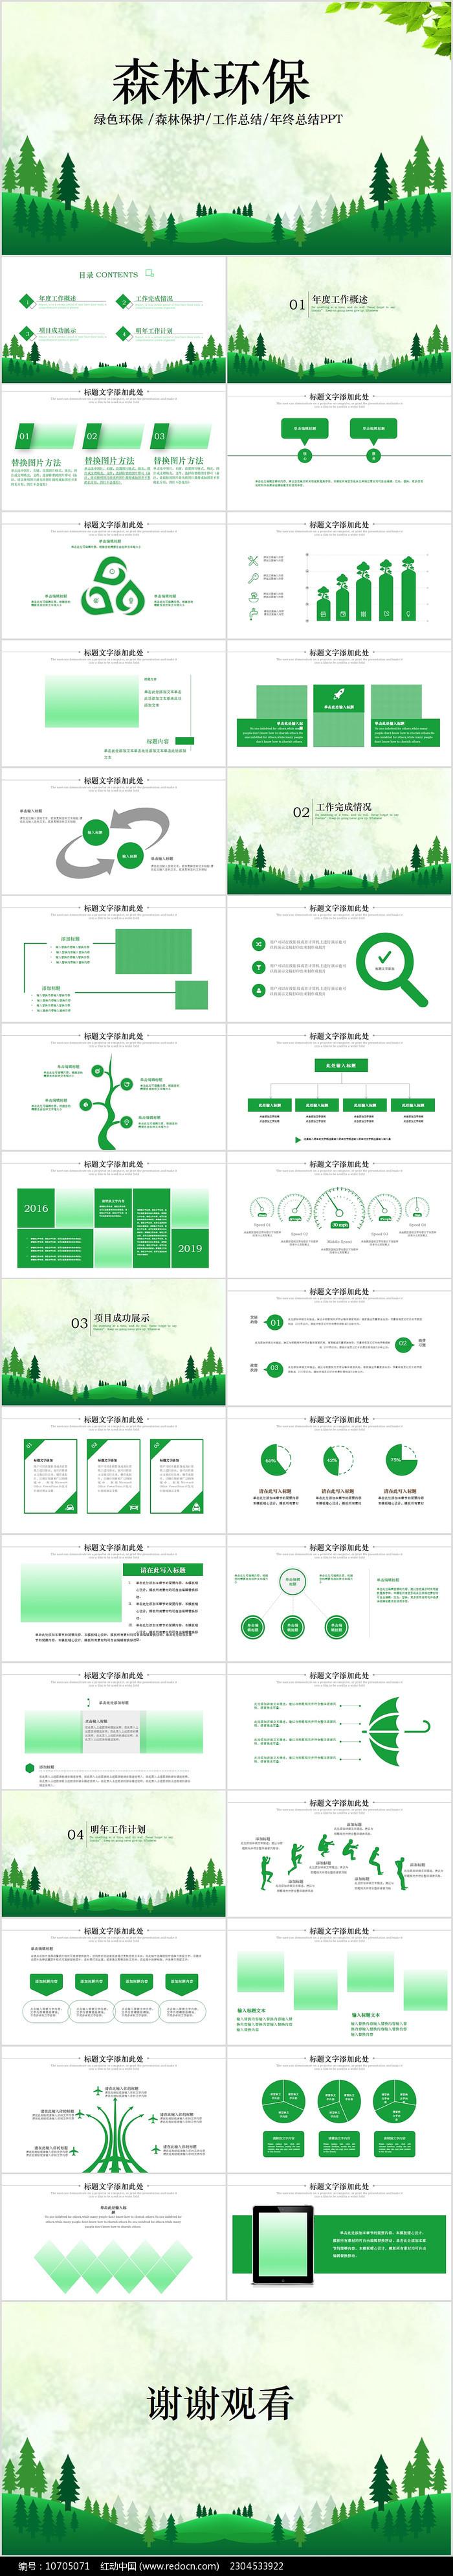 环境保护生态森林森业PPT动态模板图片